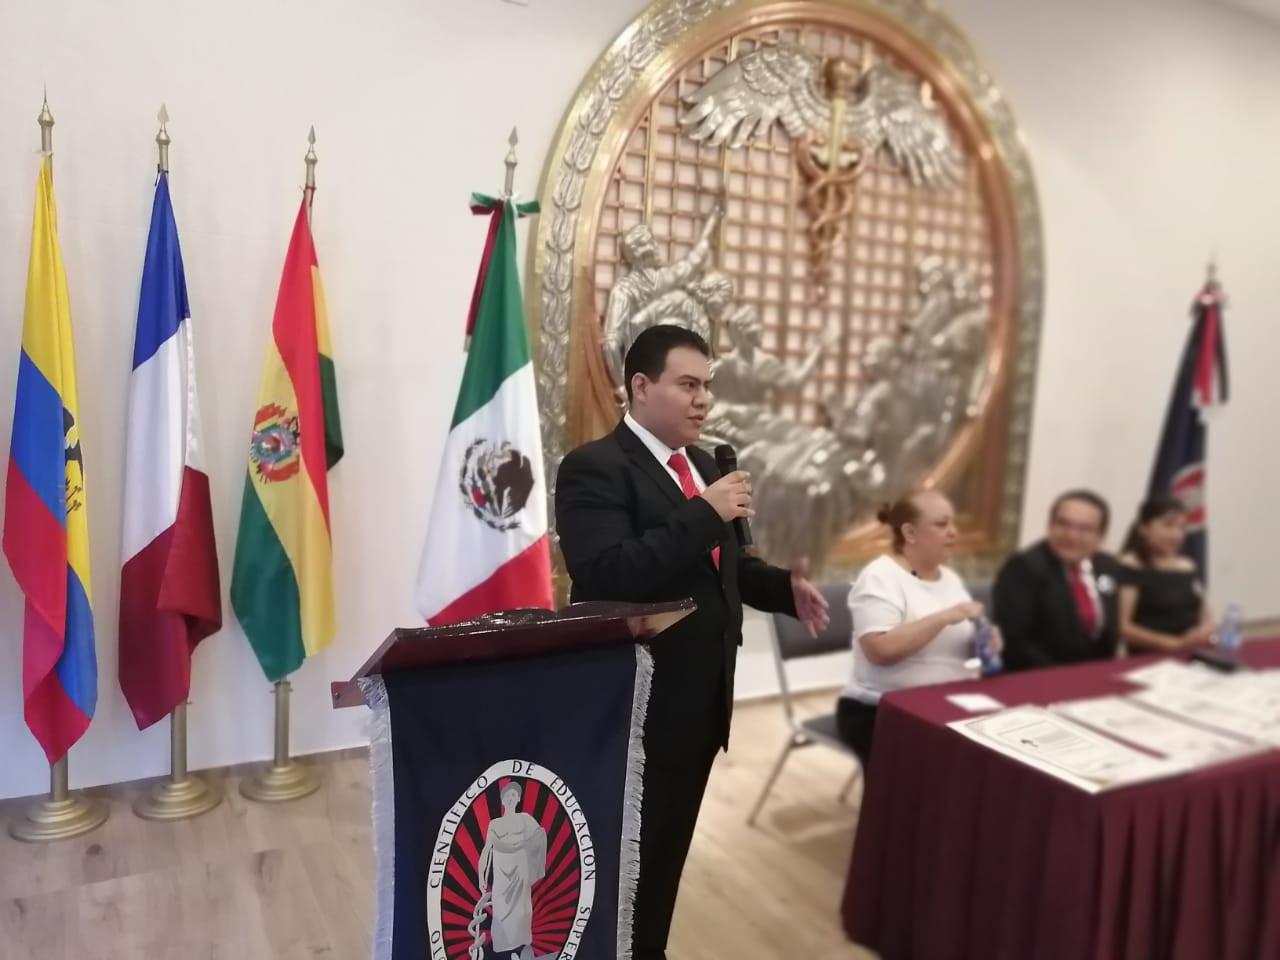 Miguel Caraza